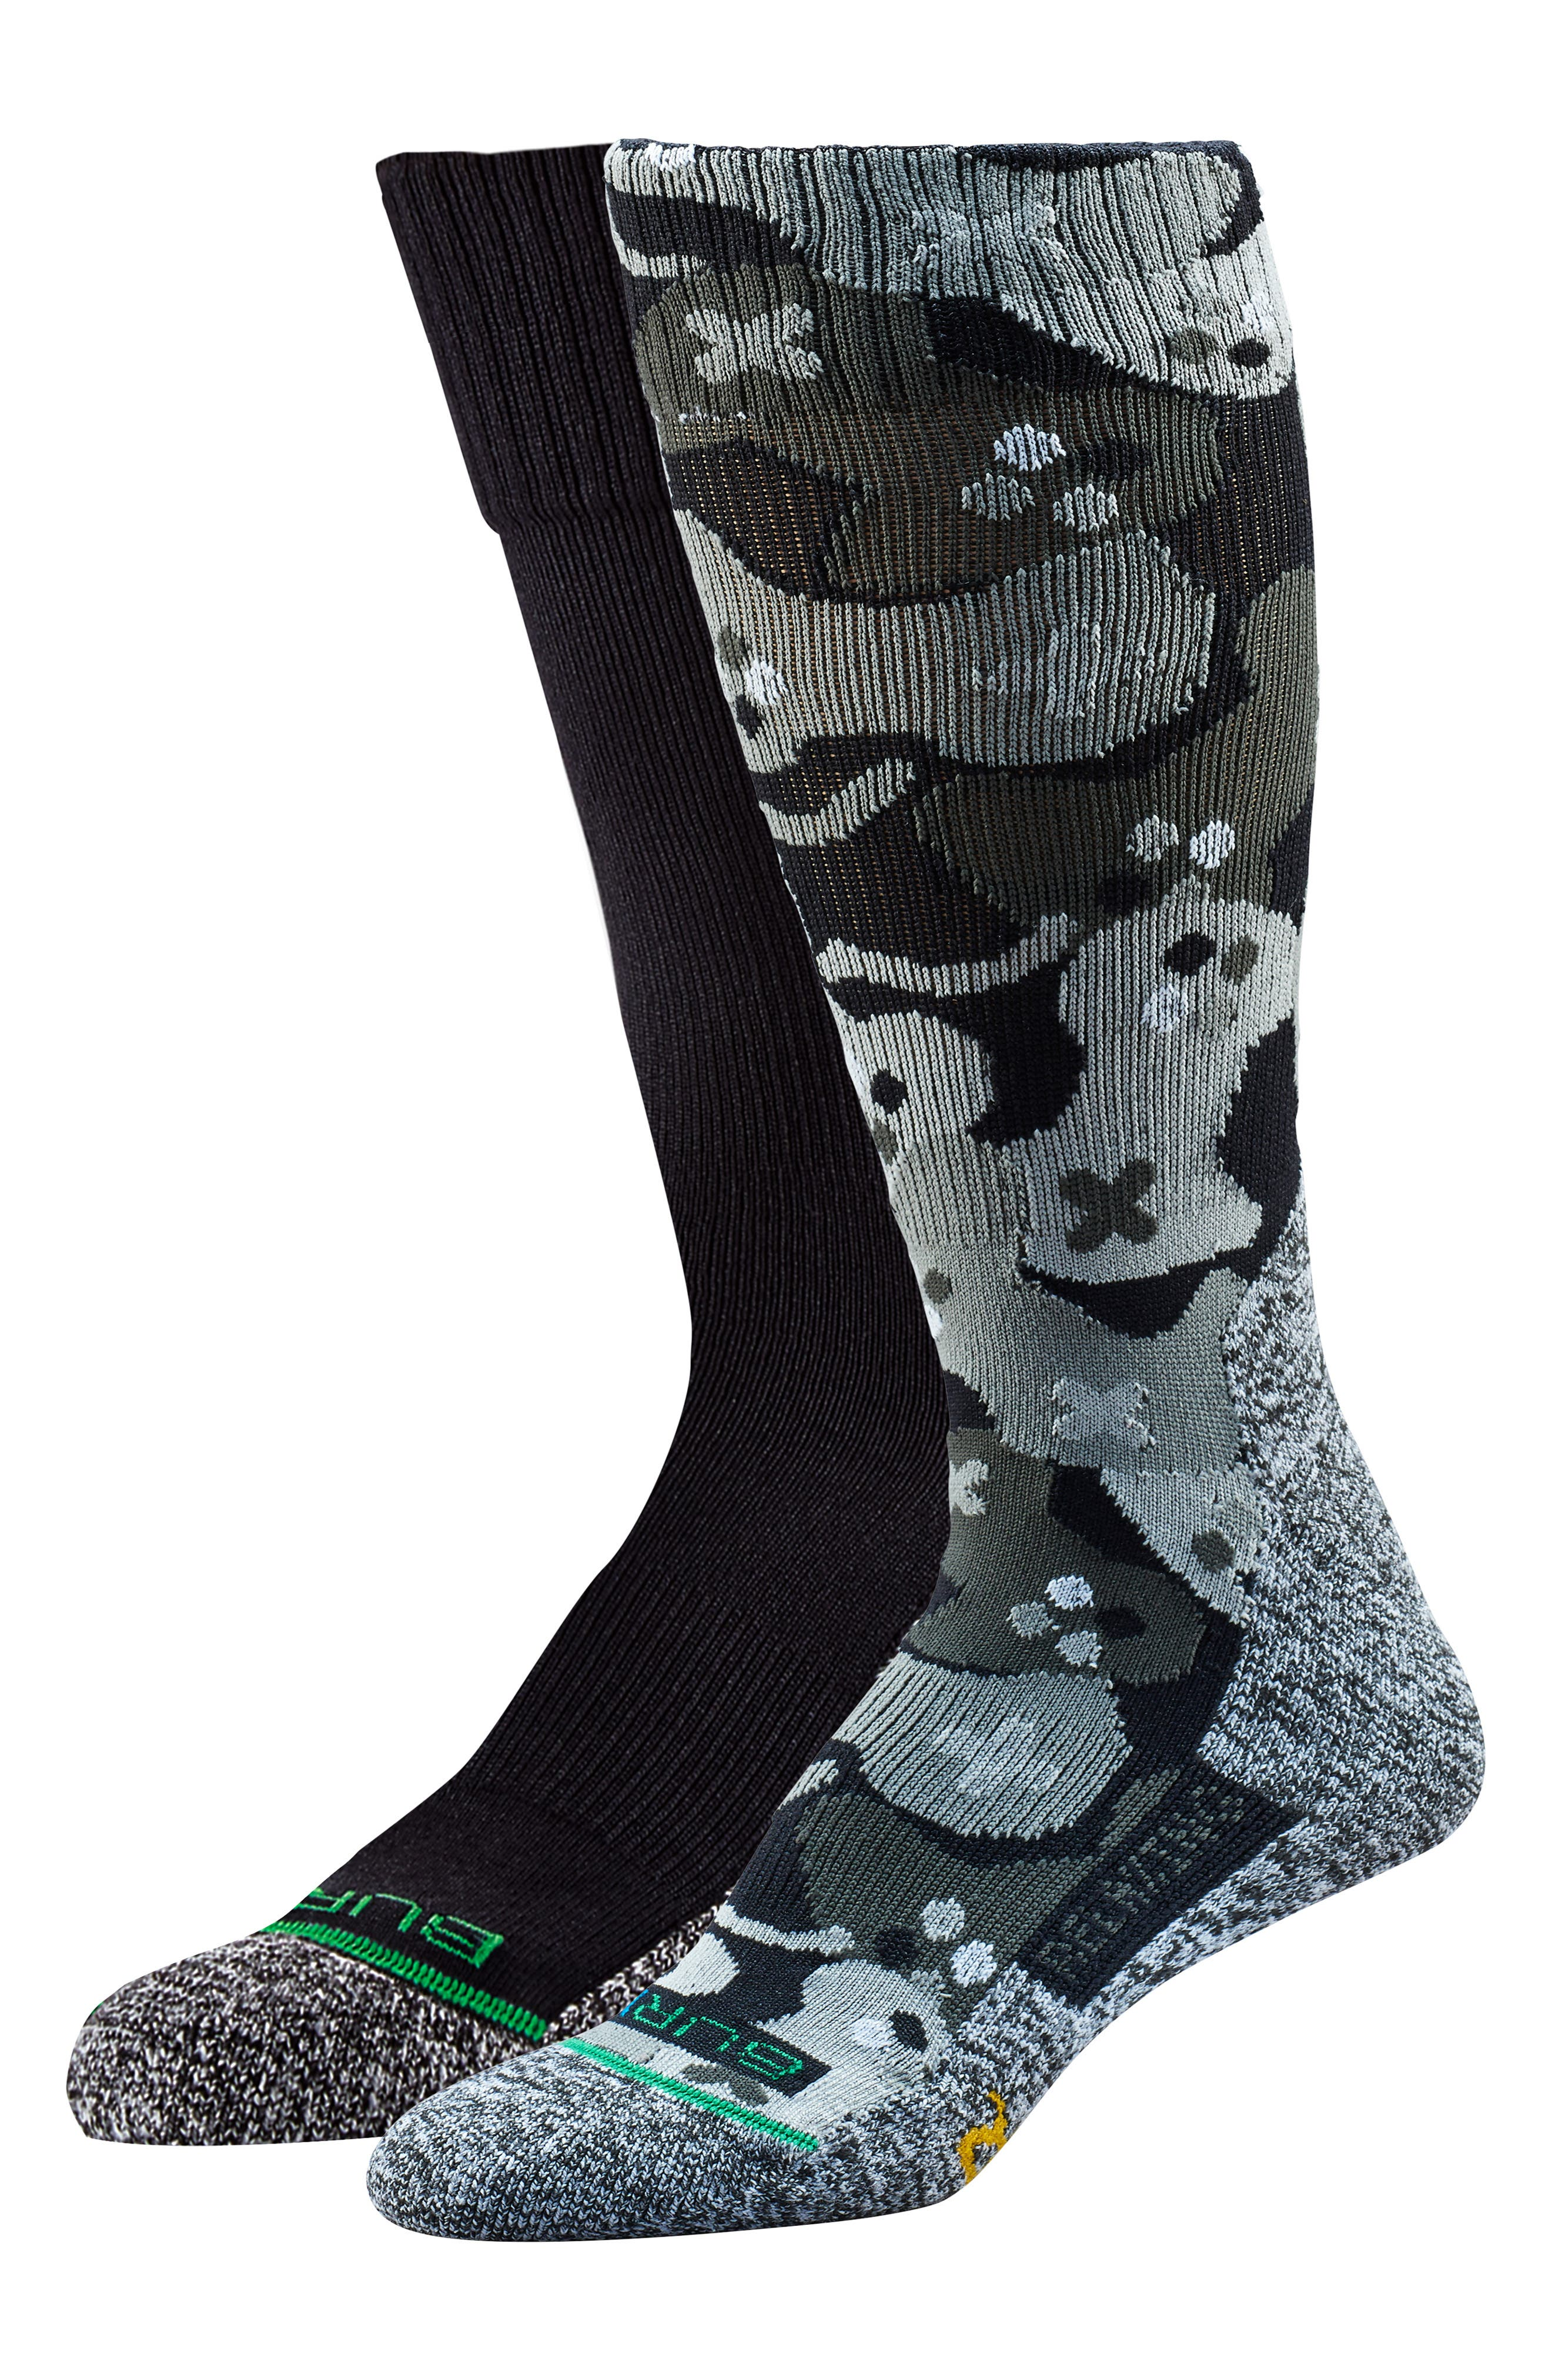 Assorted 2-Pack Relaxing Calf Crew Socks